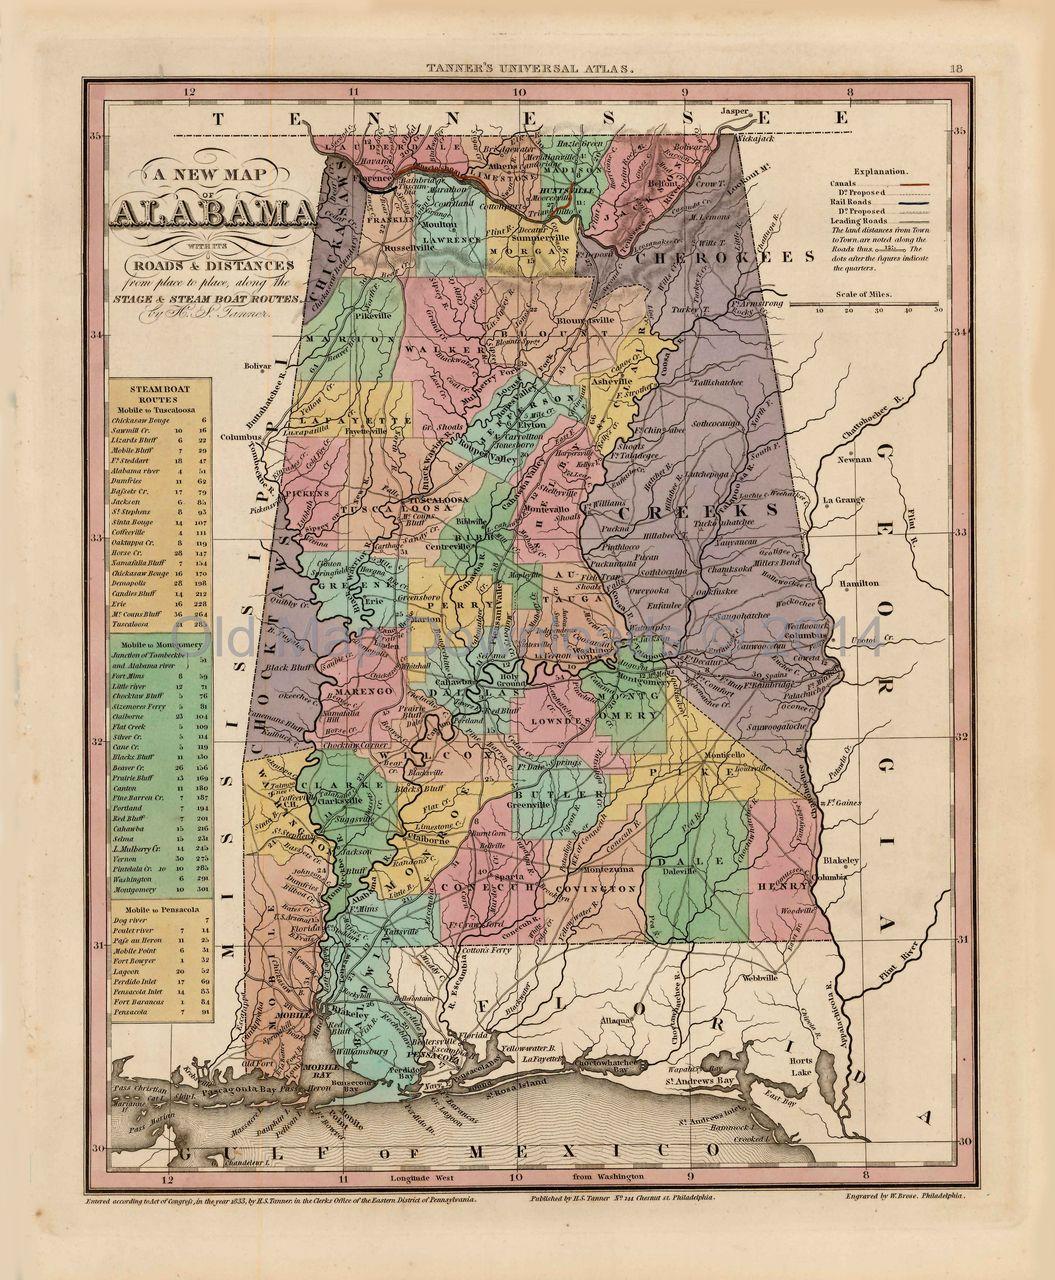 Alabama Old Map Tanner 1836 Digital Image Scan Download ...